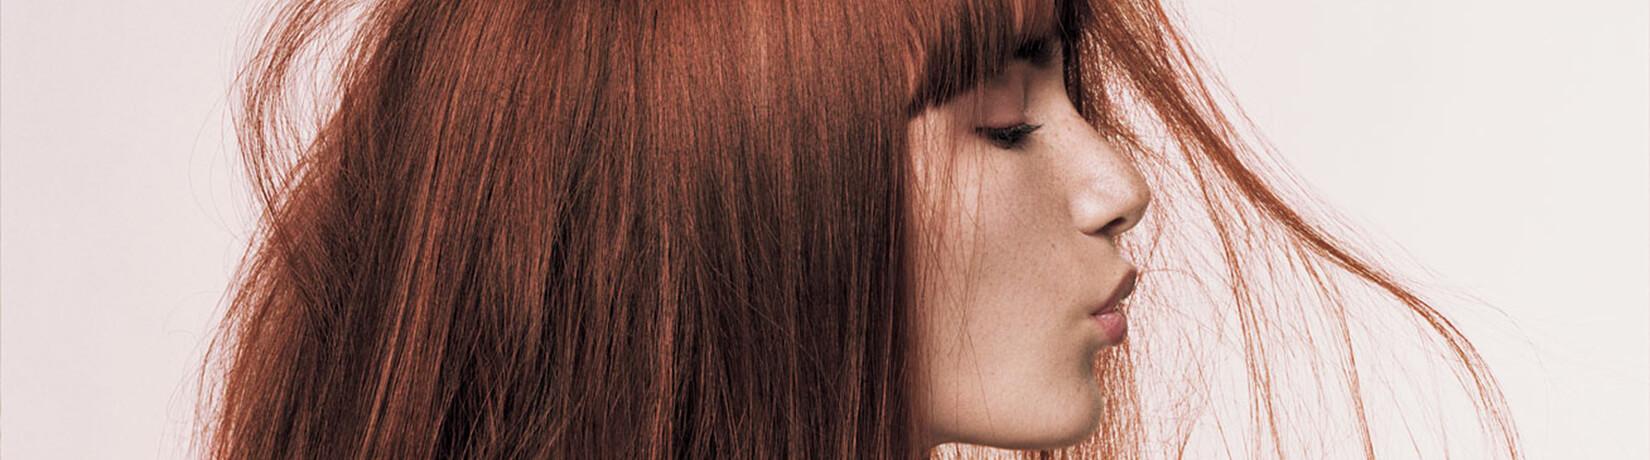 Что может стать причиной повреждения волос?